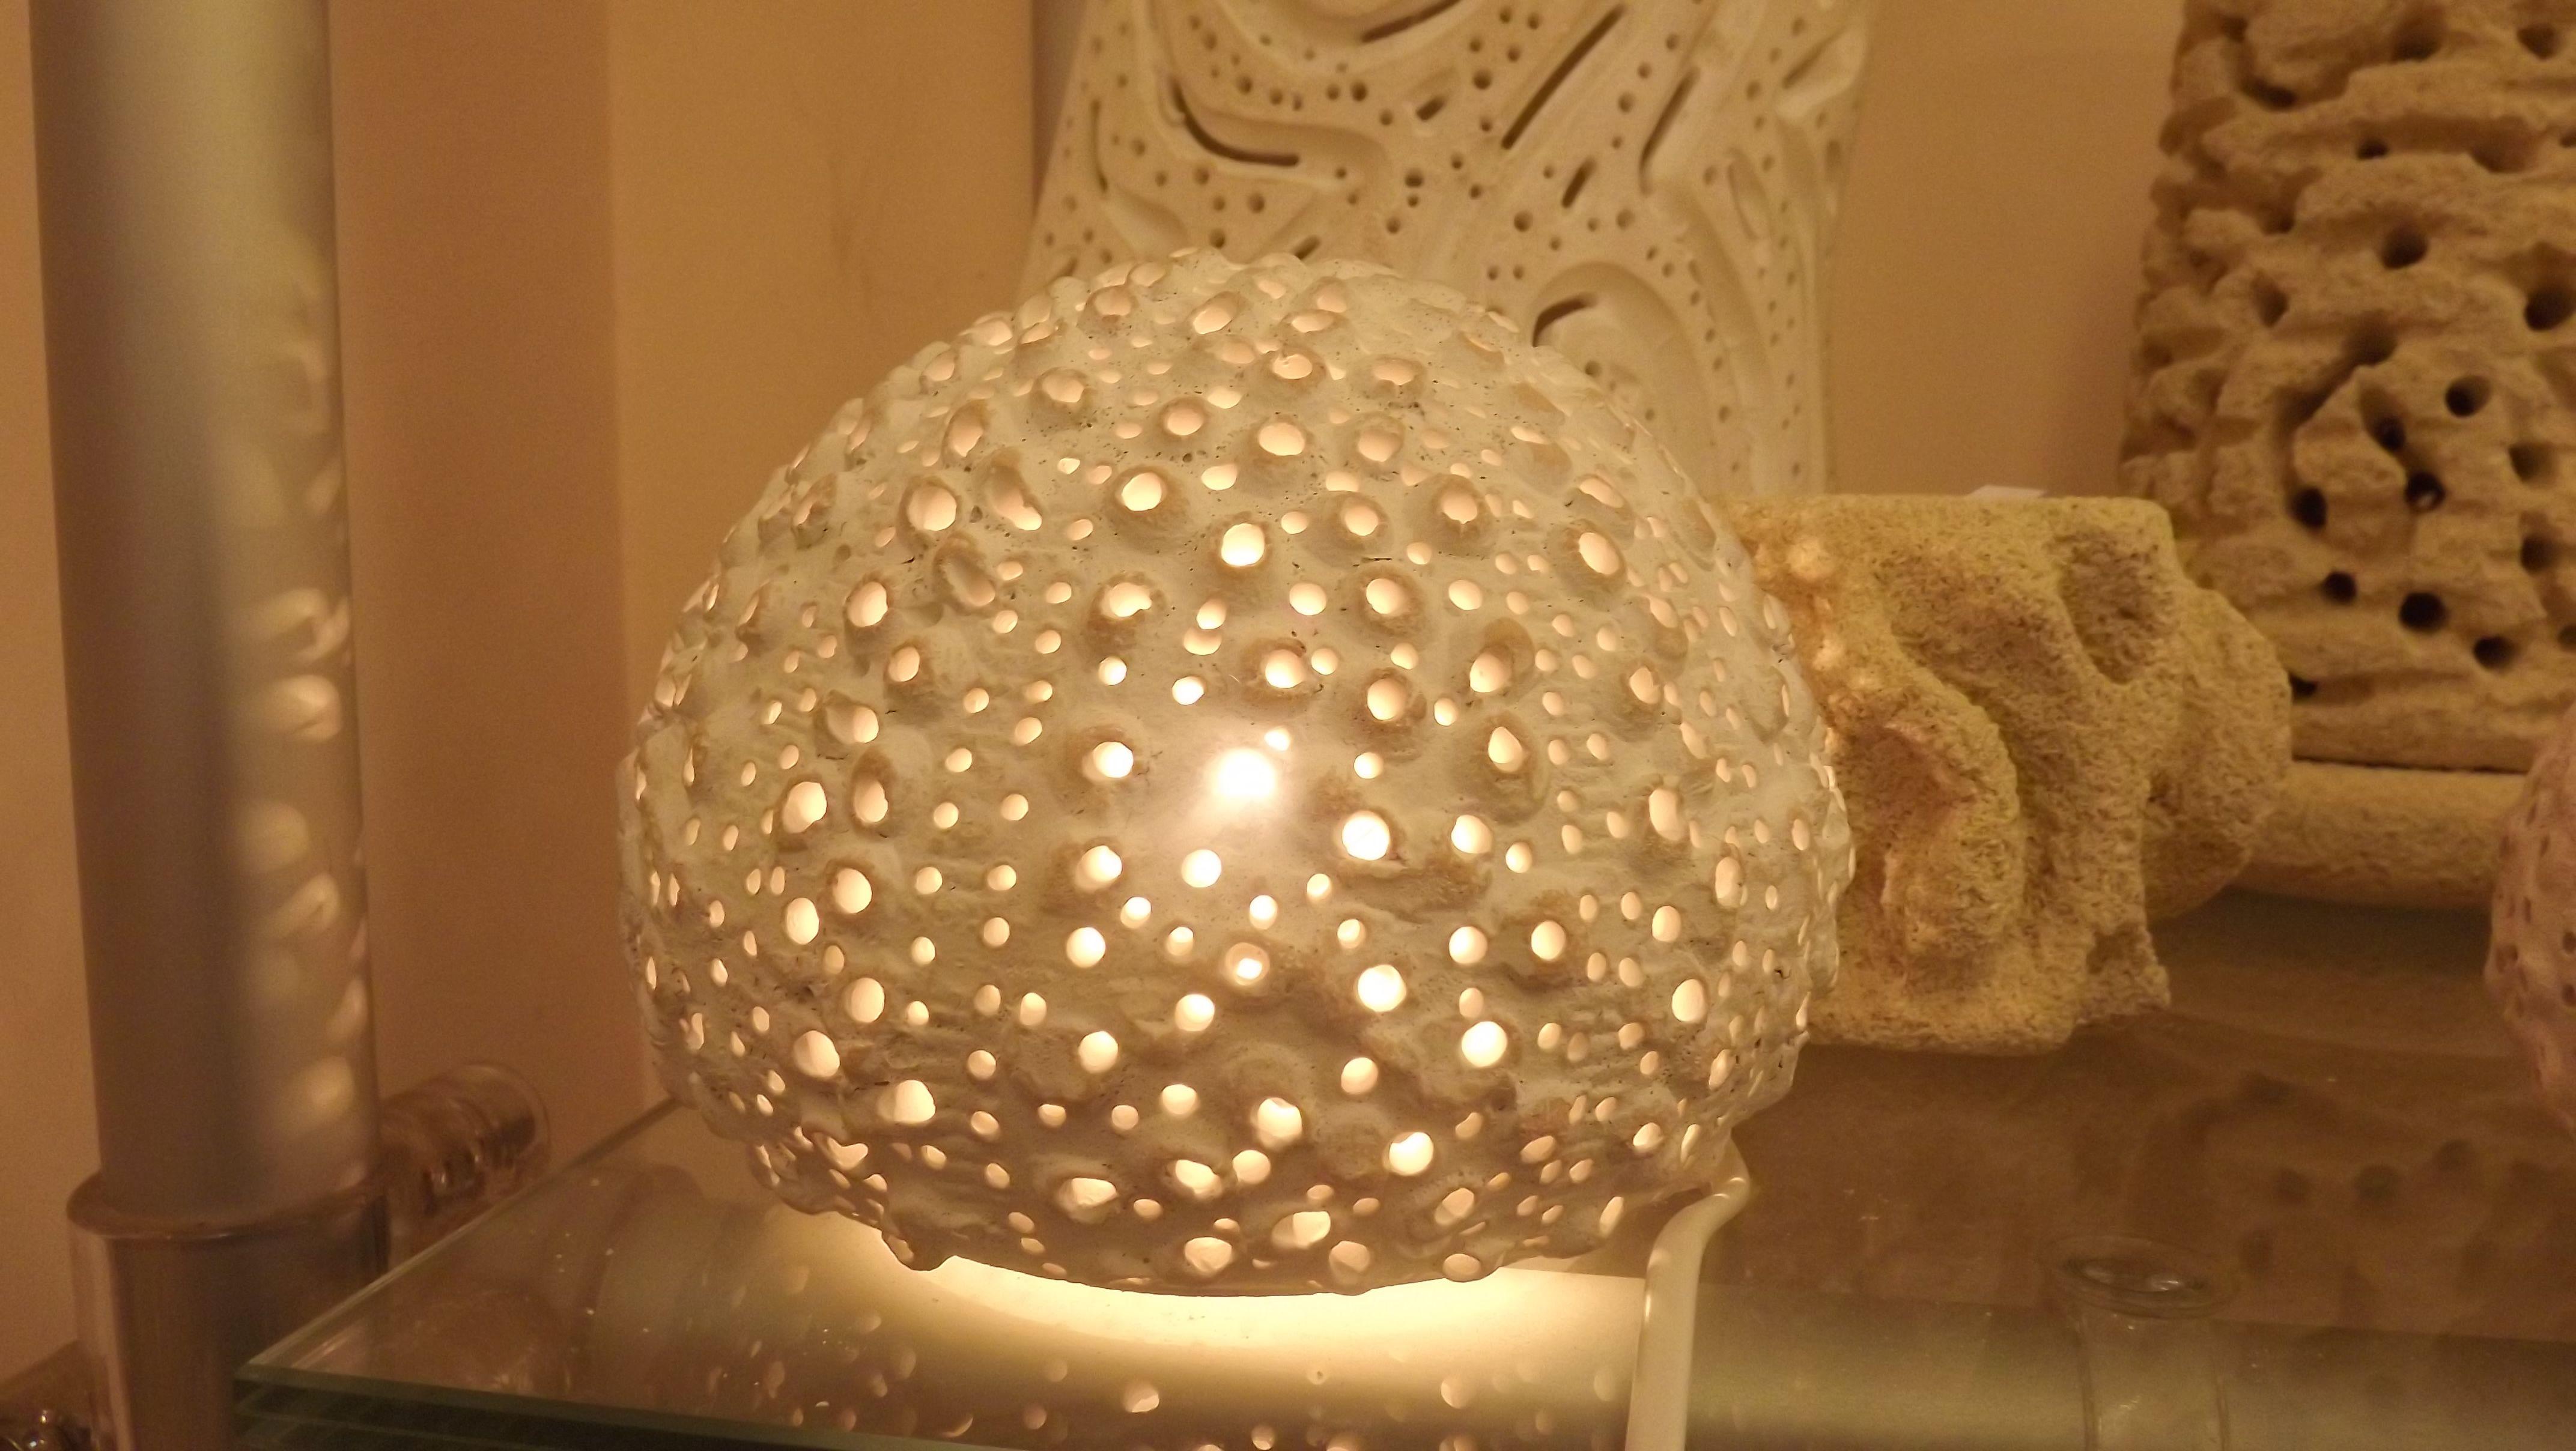 Sea urchins lamp, earthenware, handmade  Lampada Riccio di mare, in terracotta, lavorata a mano